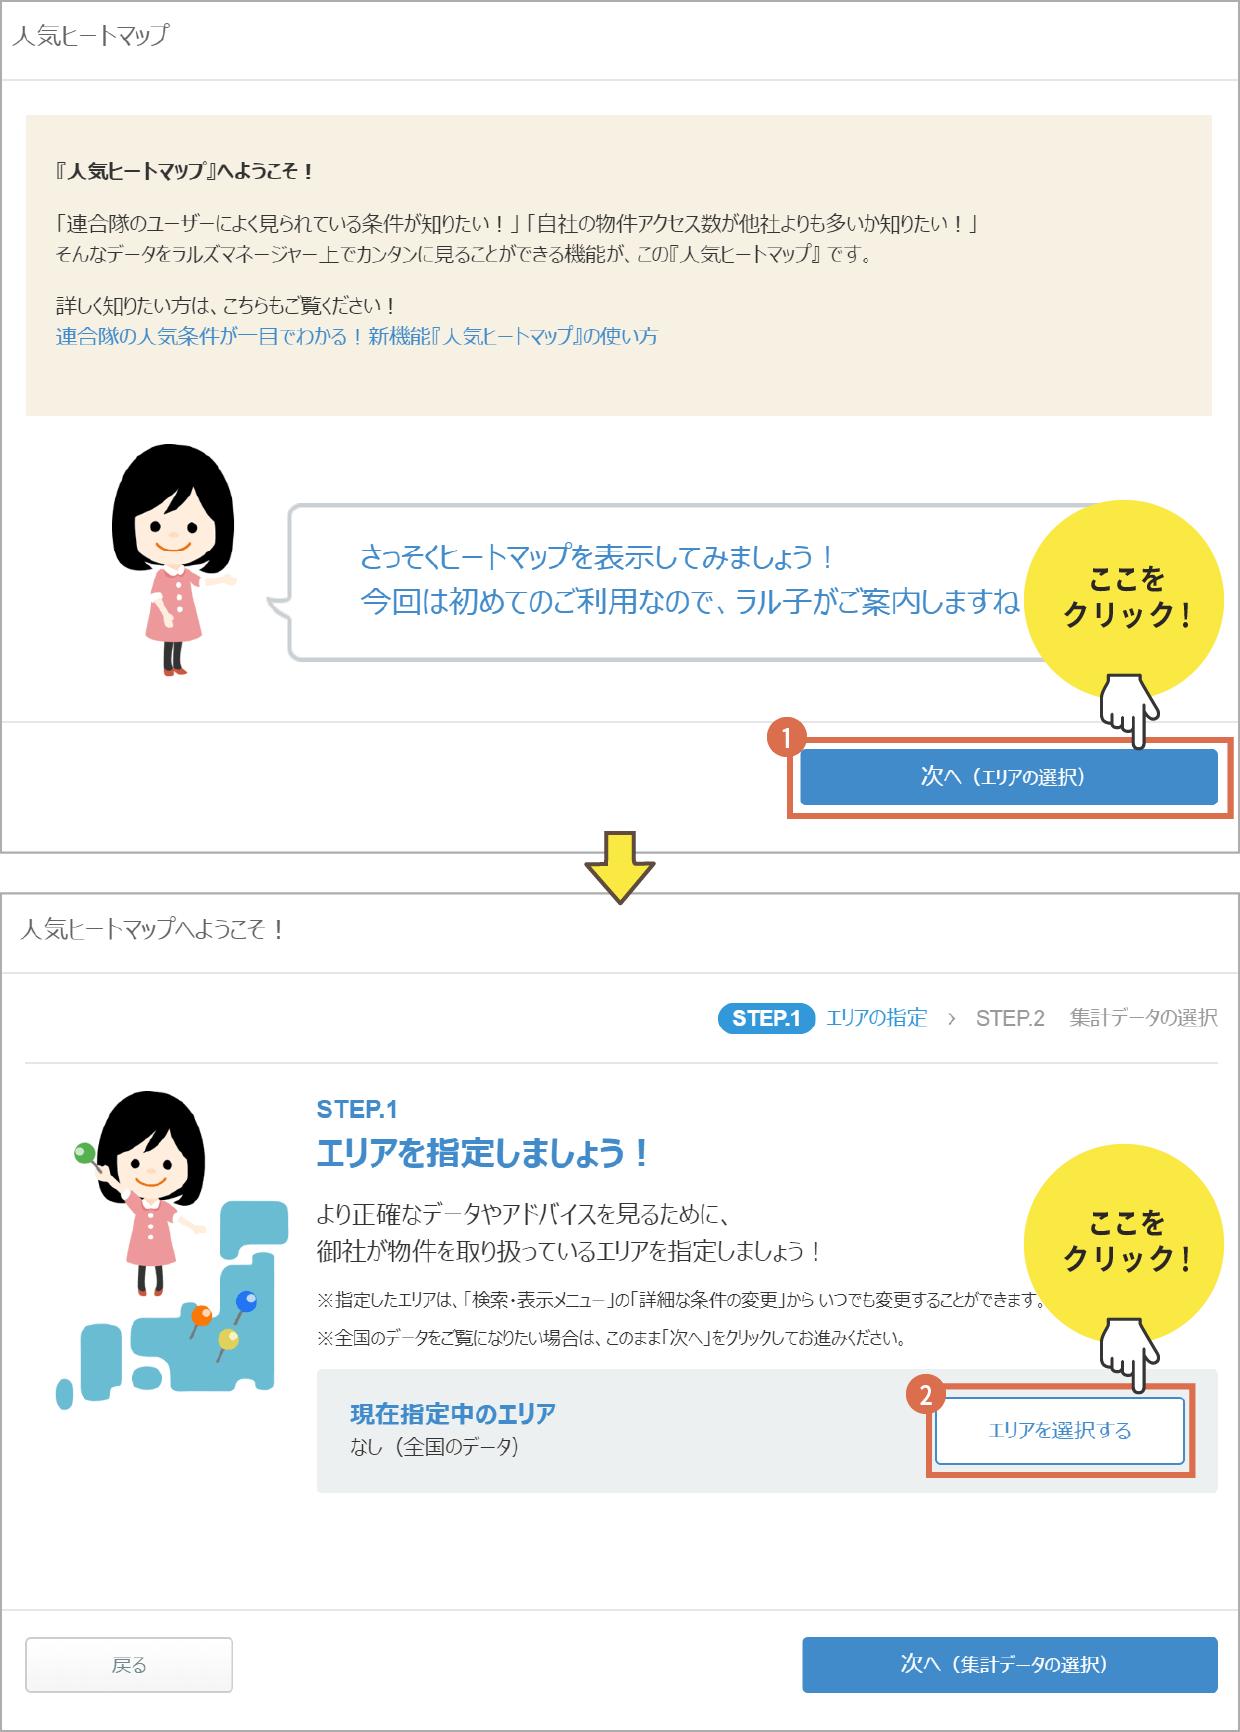 ヒートマップ説明画像_01